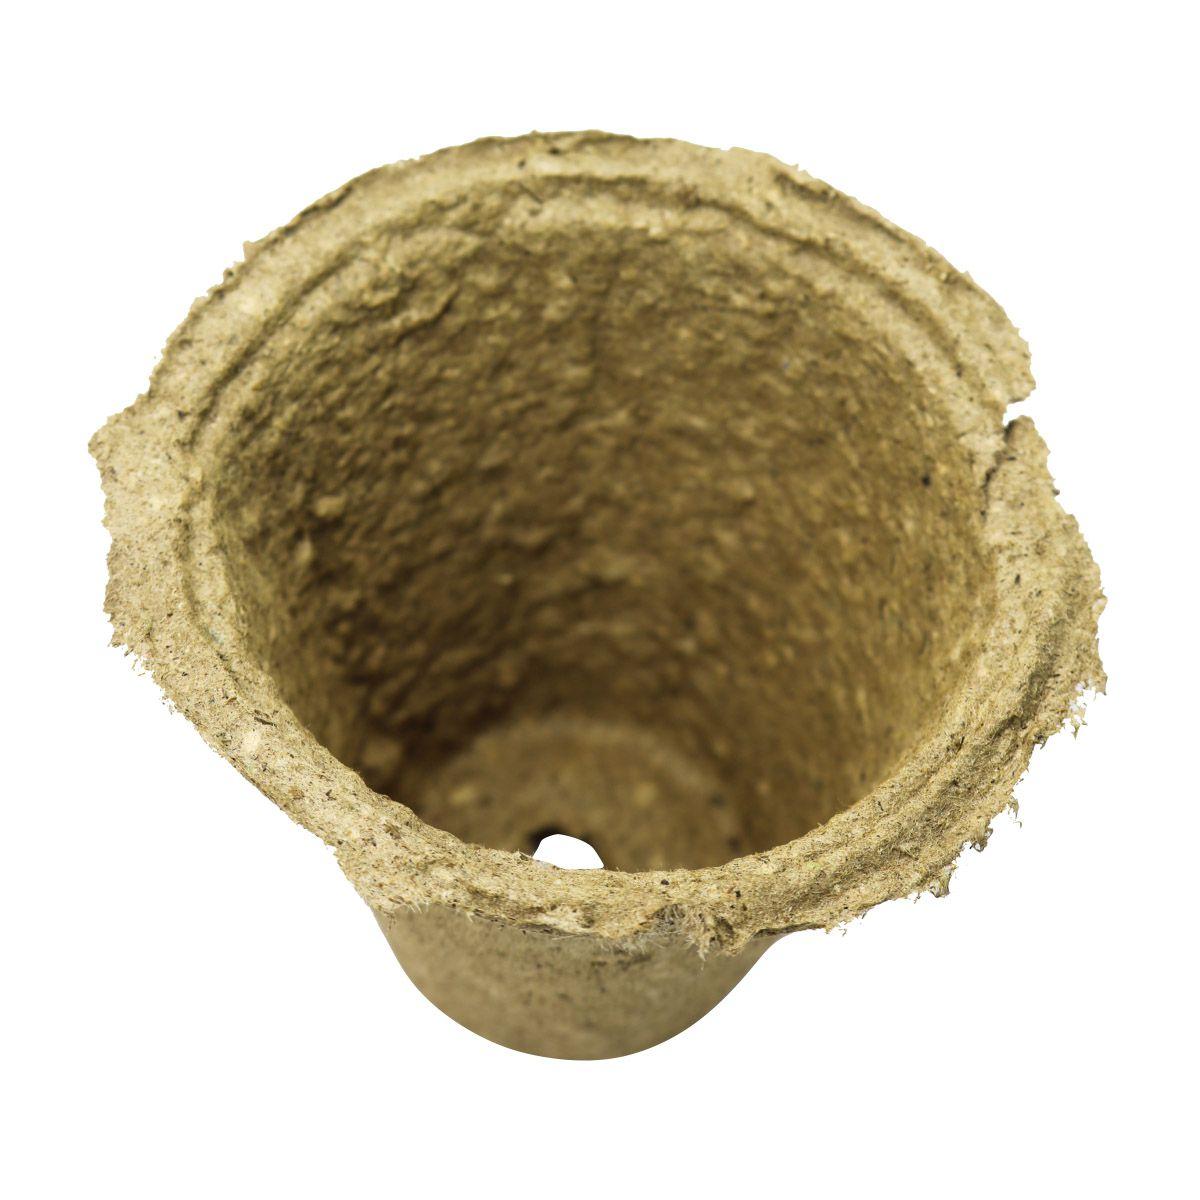 Kit com 10 Vasos Biodegradáveis para plantio de sementes 9,5cm x 9,5cm